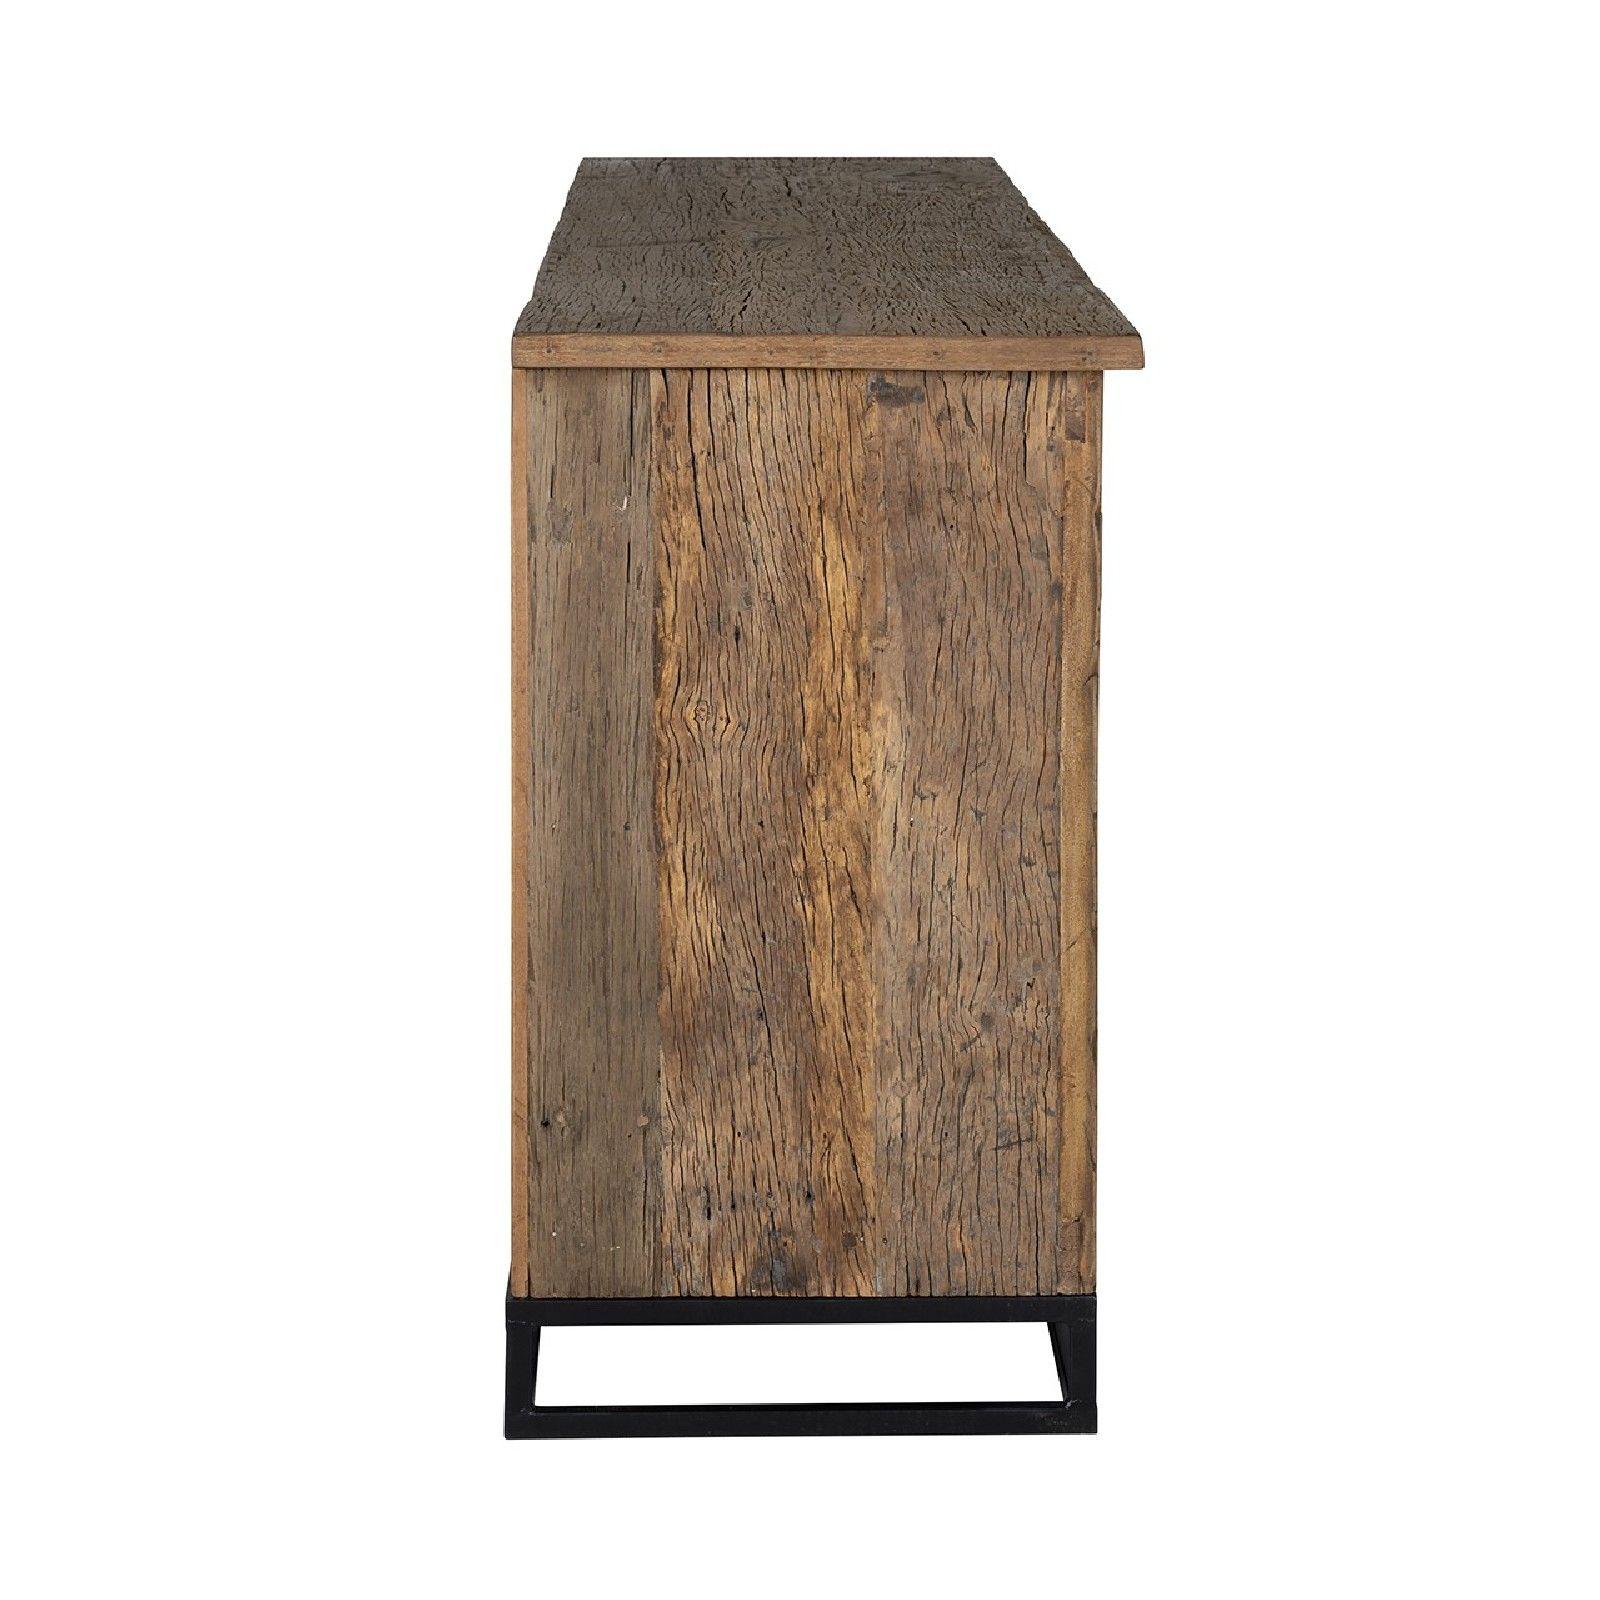 Bahut Raffles 4-portes, Recyceld wood Meuble Déco Tendance - 93